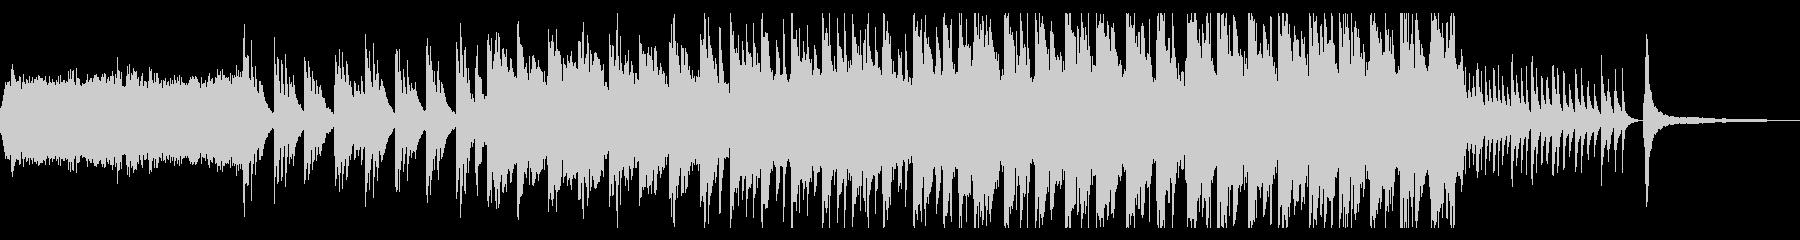 尺八とピアノの壮大で切ない和風曲の未再生の波形